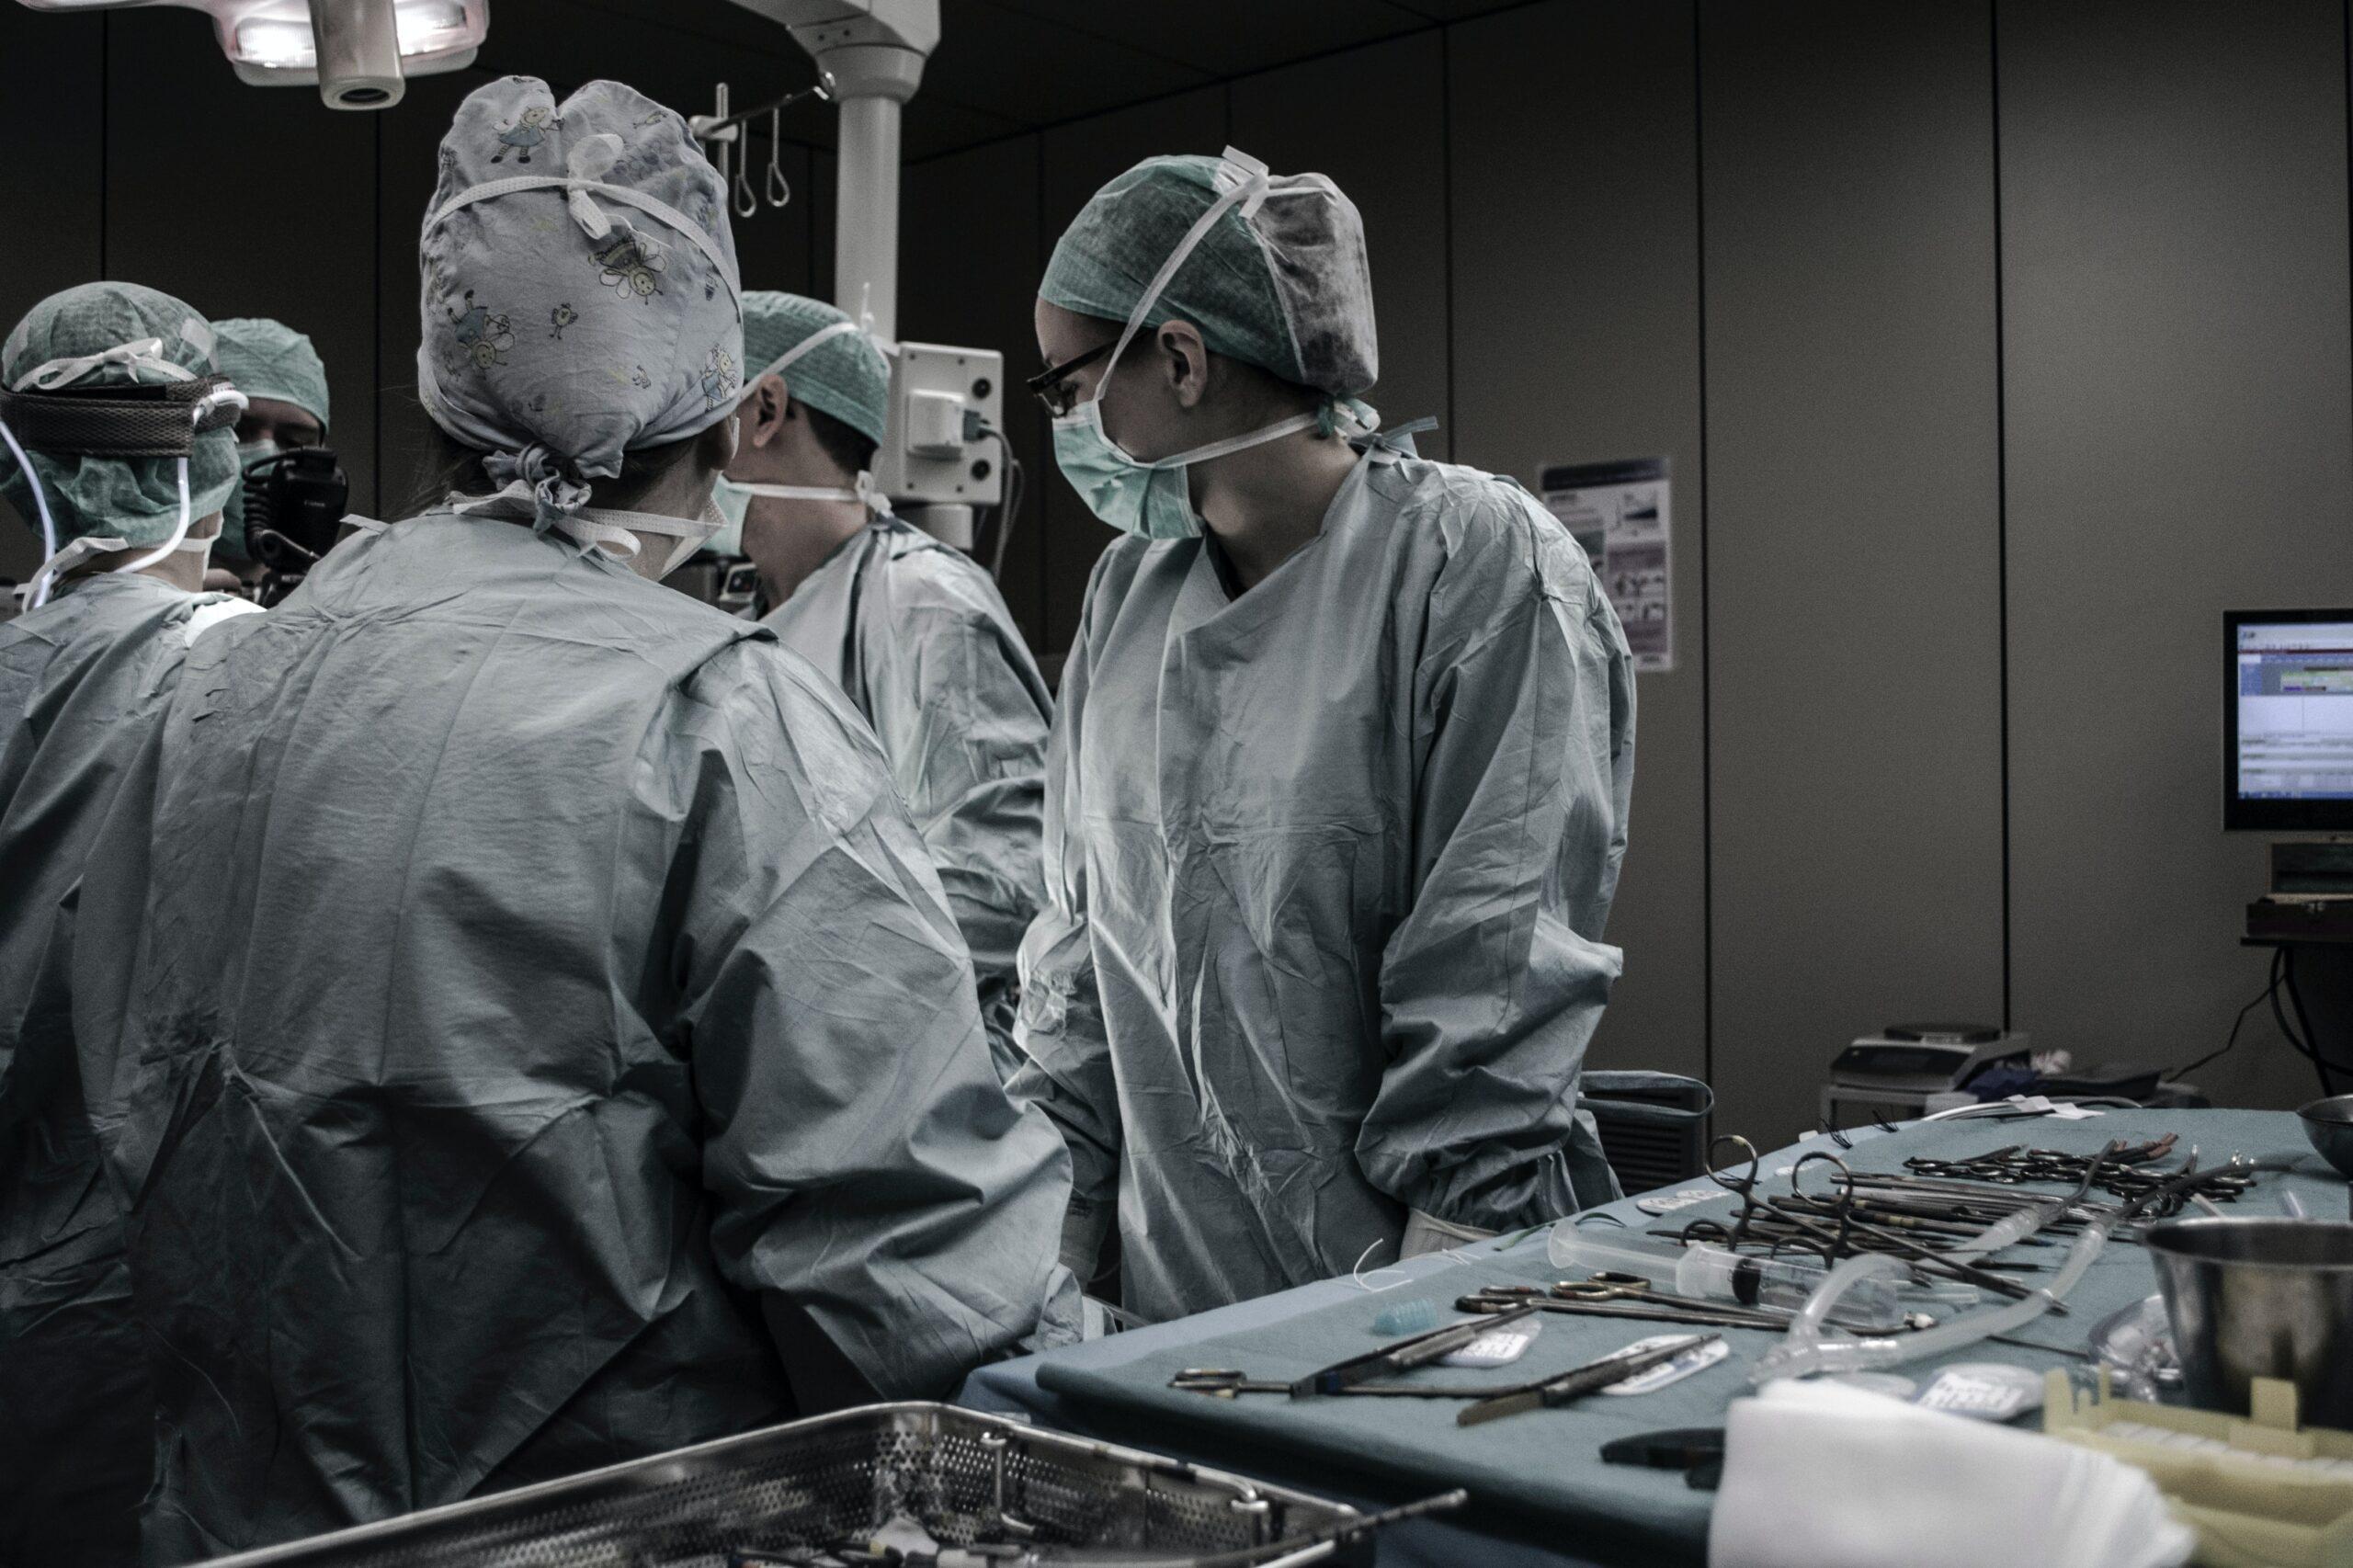 Wykonanie zabiegu leczniczego bez zgody pacjenta